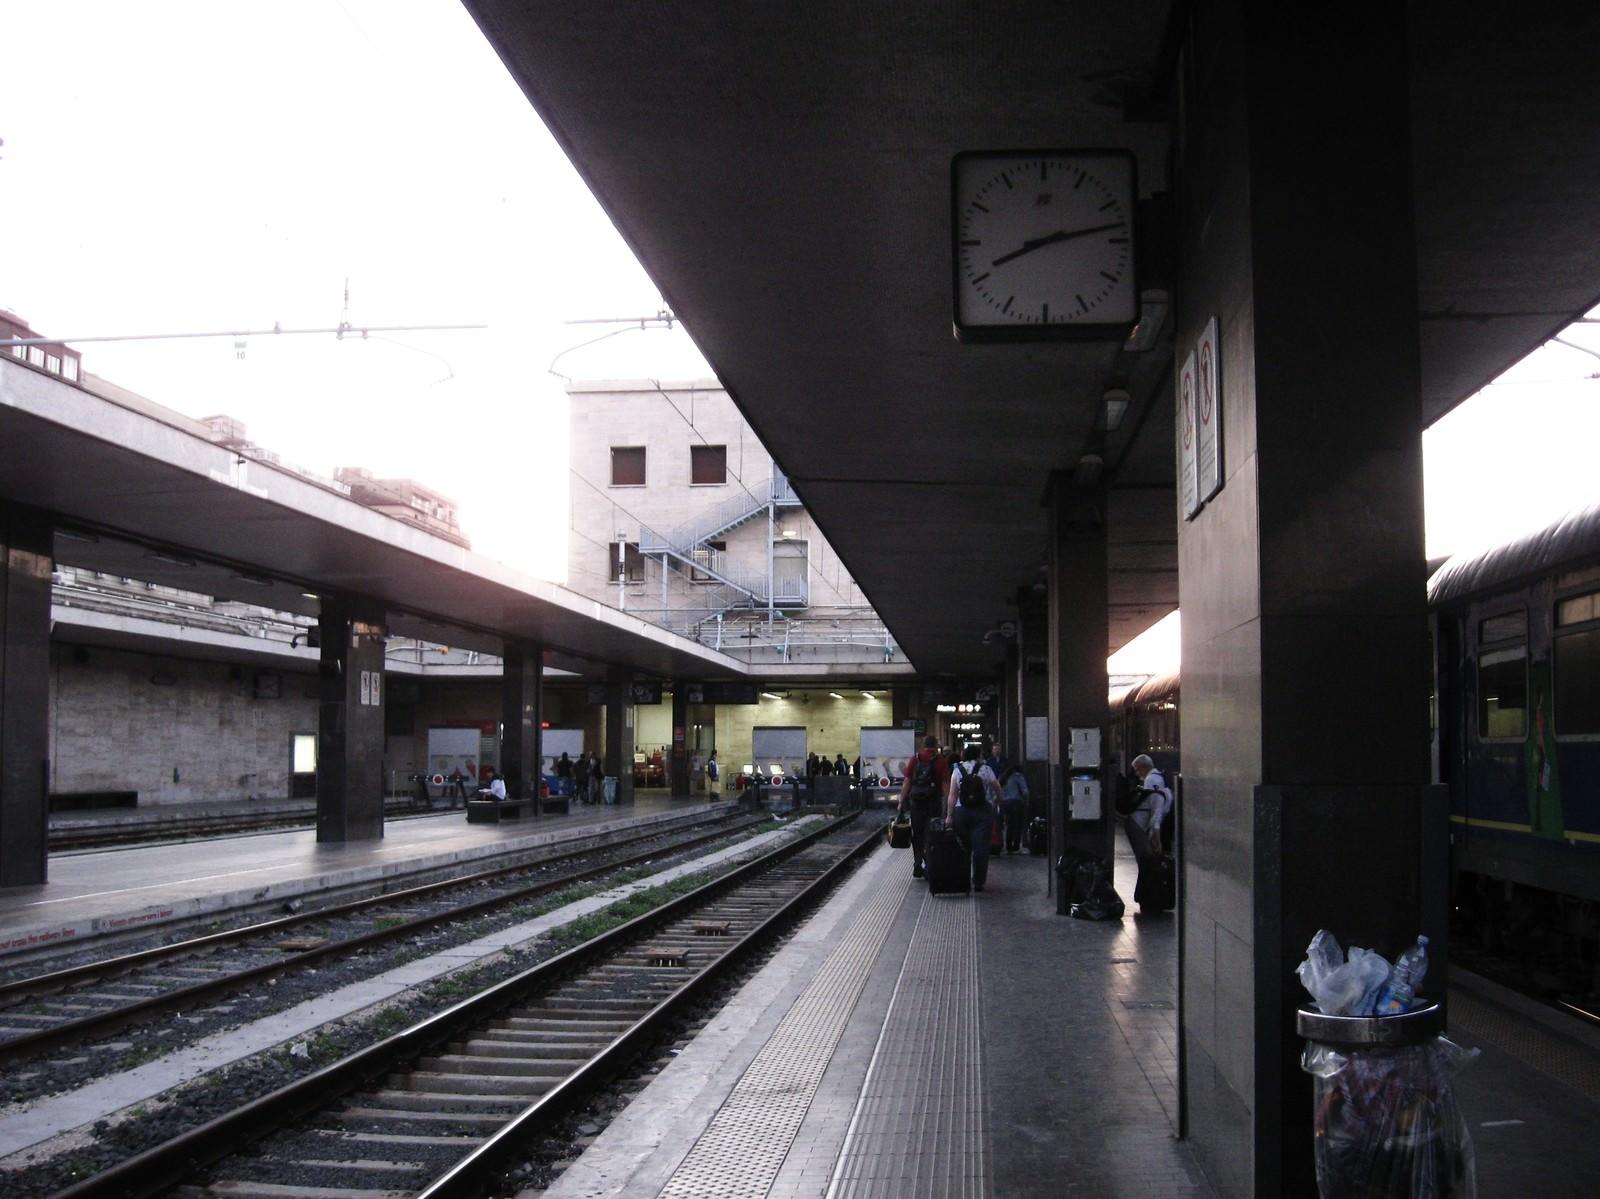 「フィレンツェのサンタ・マリア・ノヴェッラ駅のホーム(イタリア)」の写真